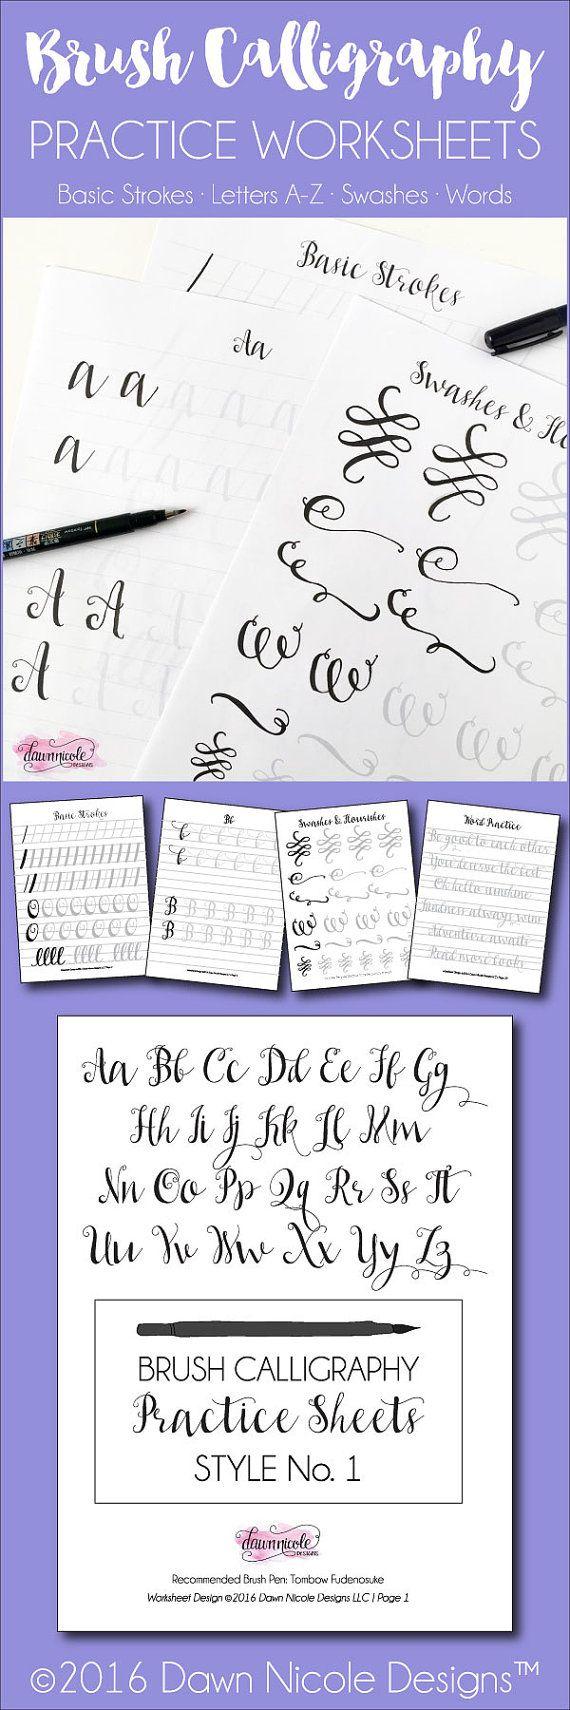 Hojas de práctica de caligrafía de pincel: Estilo por ByDawnNicole